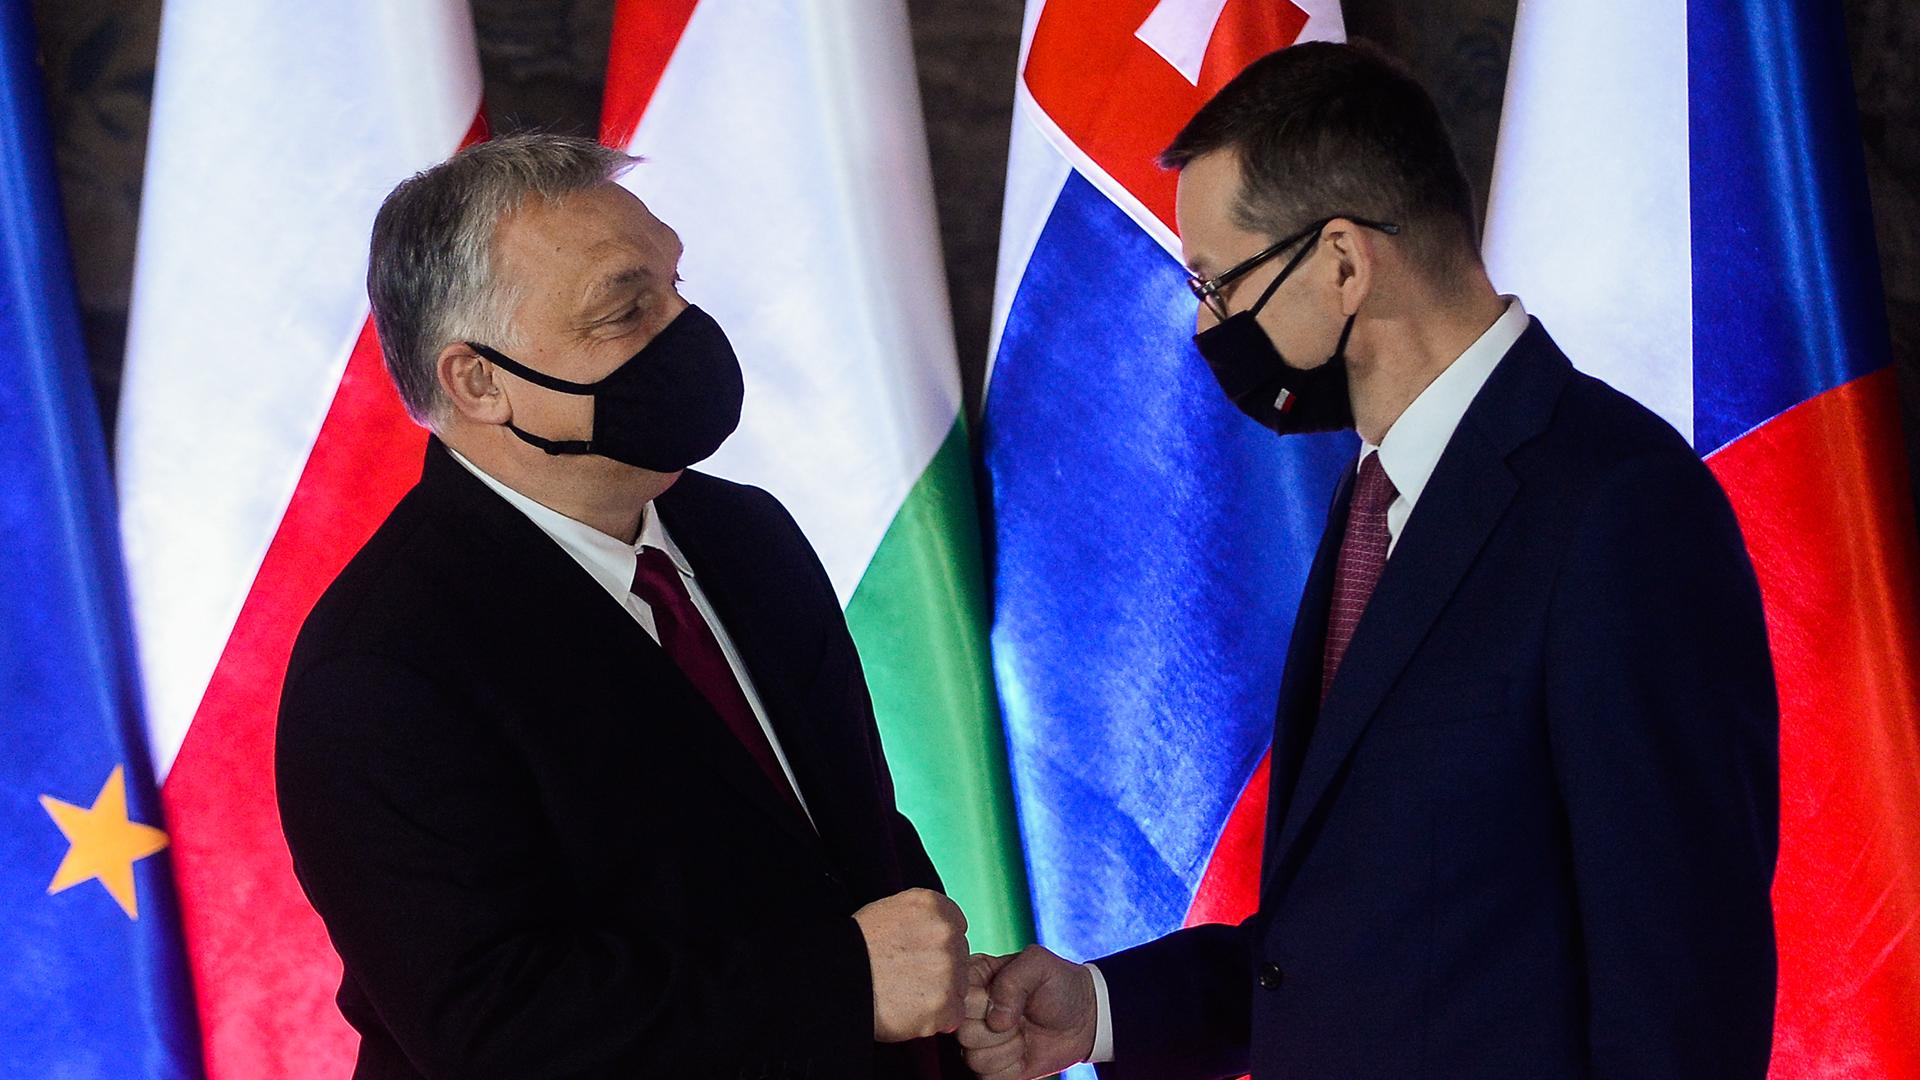 Orbán és a lengyel kormányfő töröltette a nemek közti egyenlőség kifejezést egy EU-s nyilatkozatból